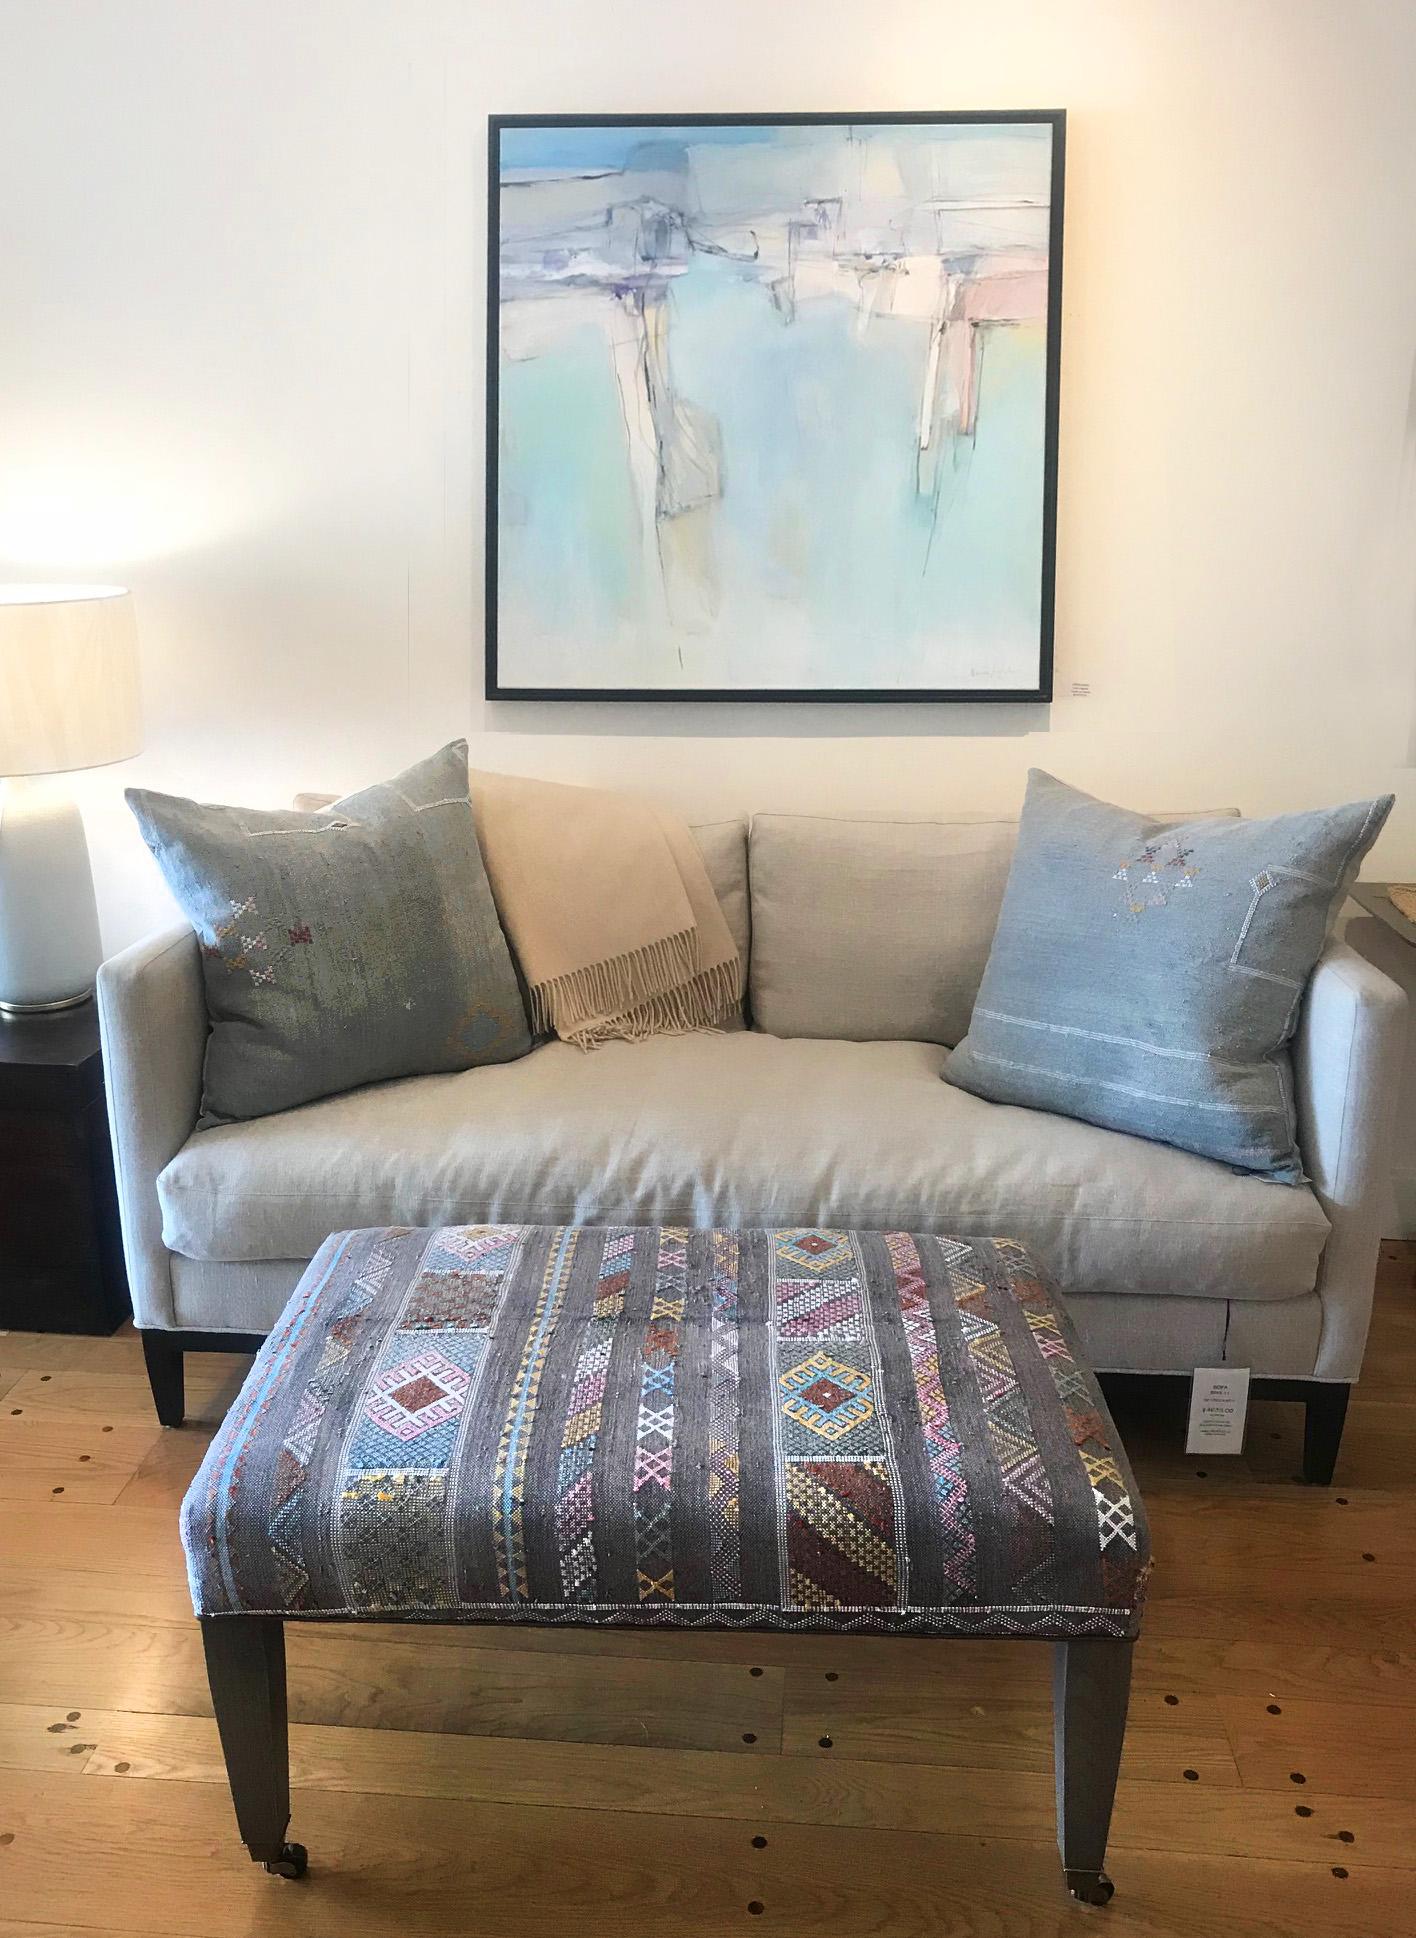 Sofa and Rug Pillows and Ottoman